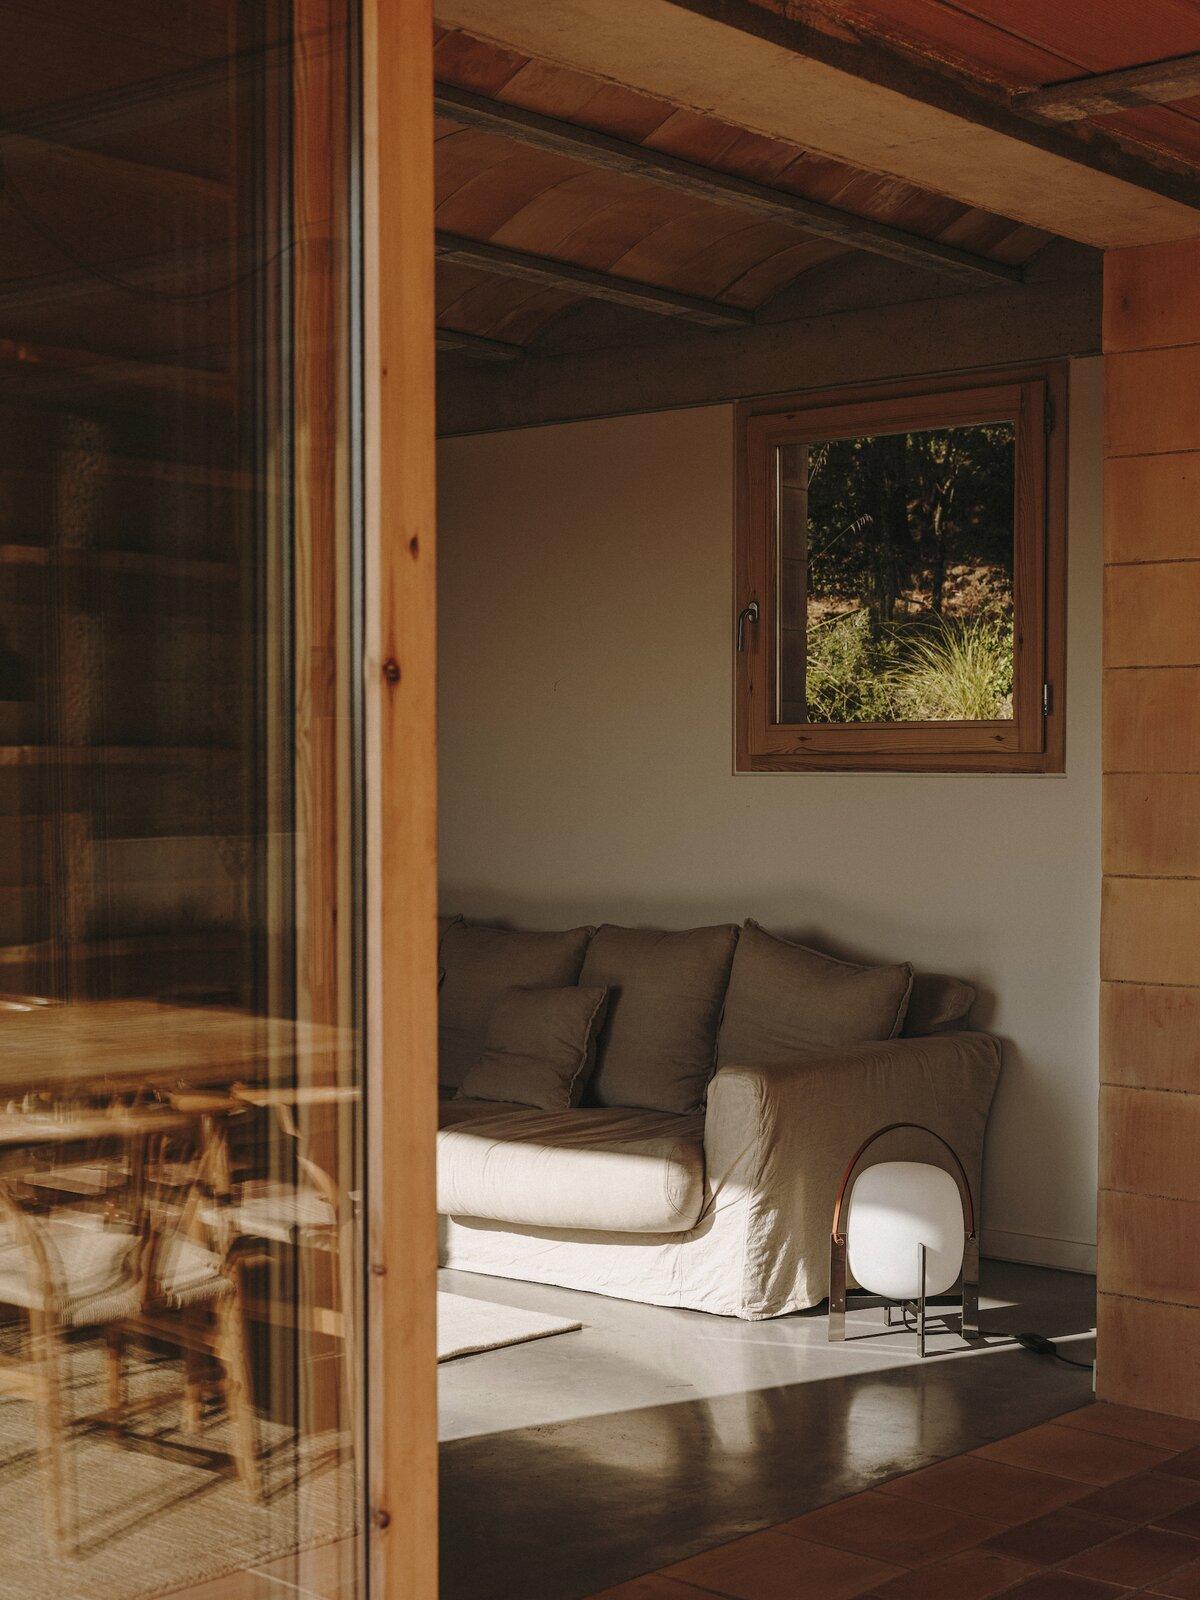 Living room of Casa Ter by Mesura.